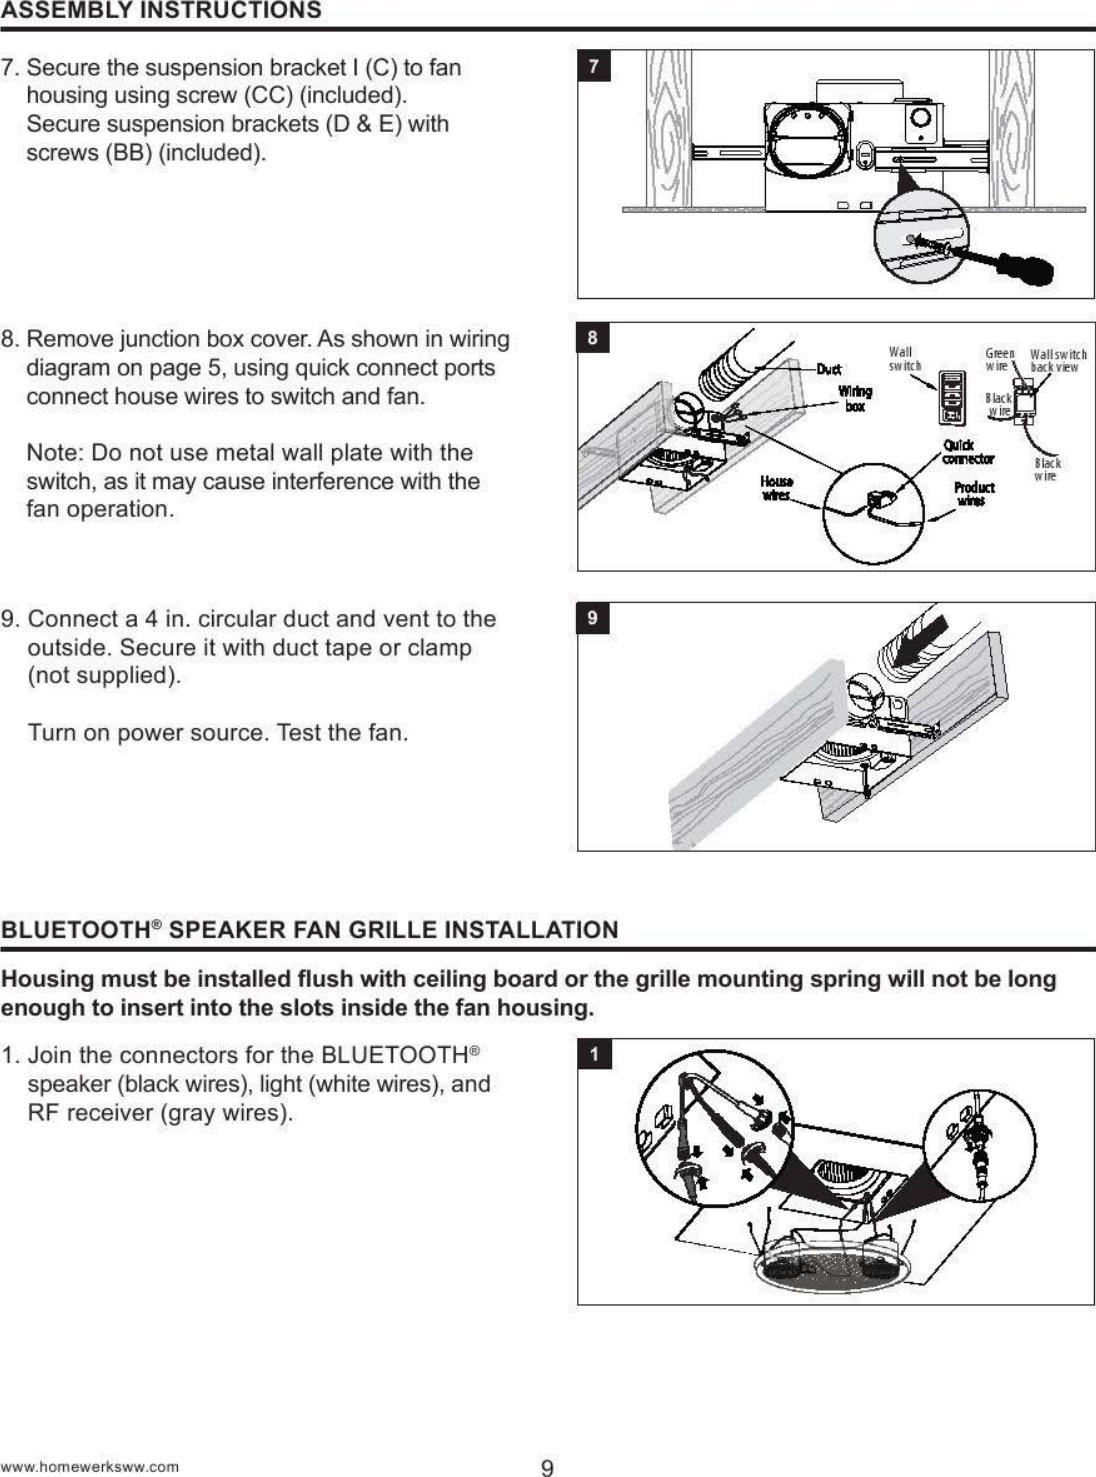 Homewerks Worldwide 7130 Manual Guide